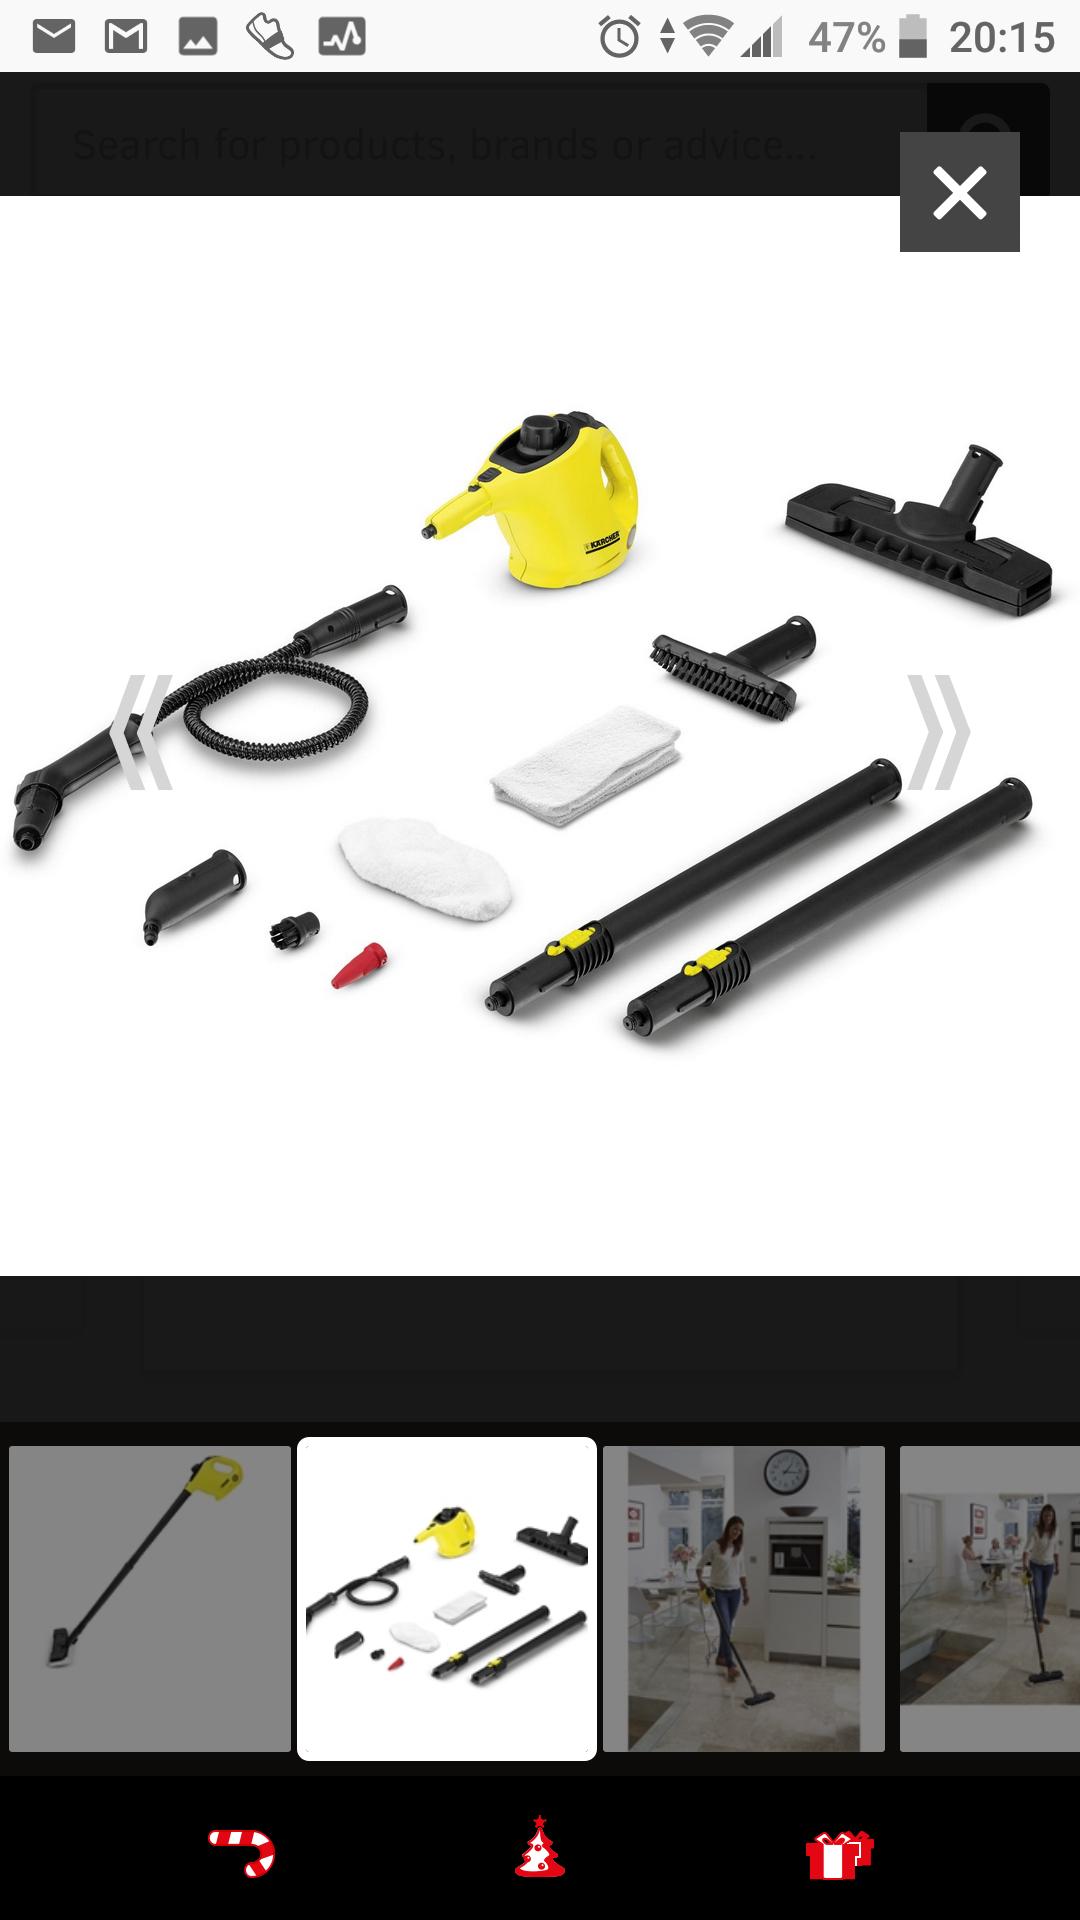 Kärcher sc1 steam cleaner - £30 @ Homebase